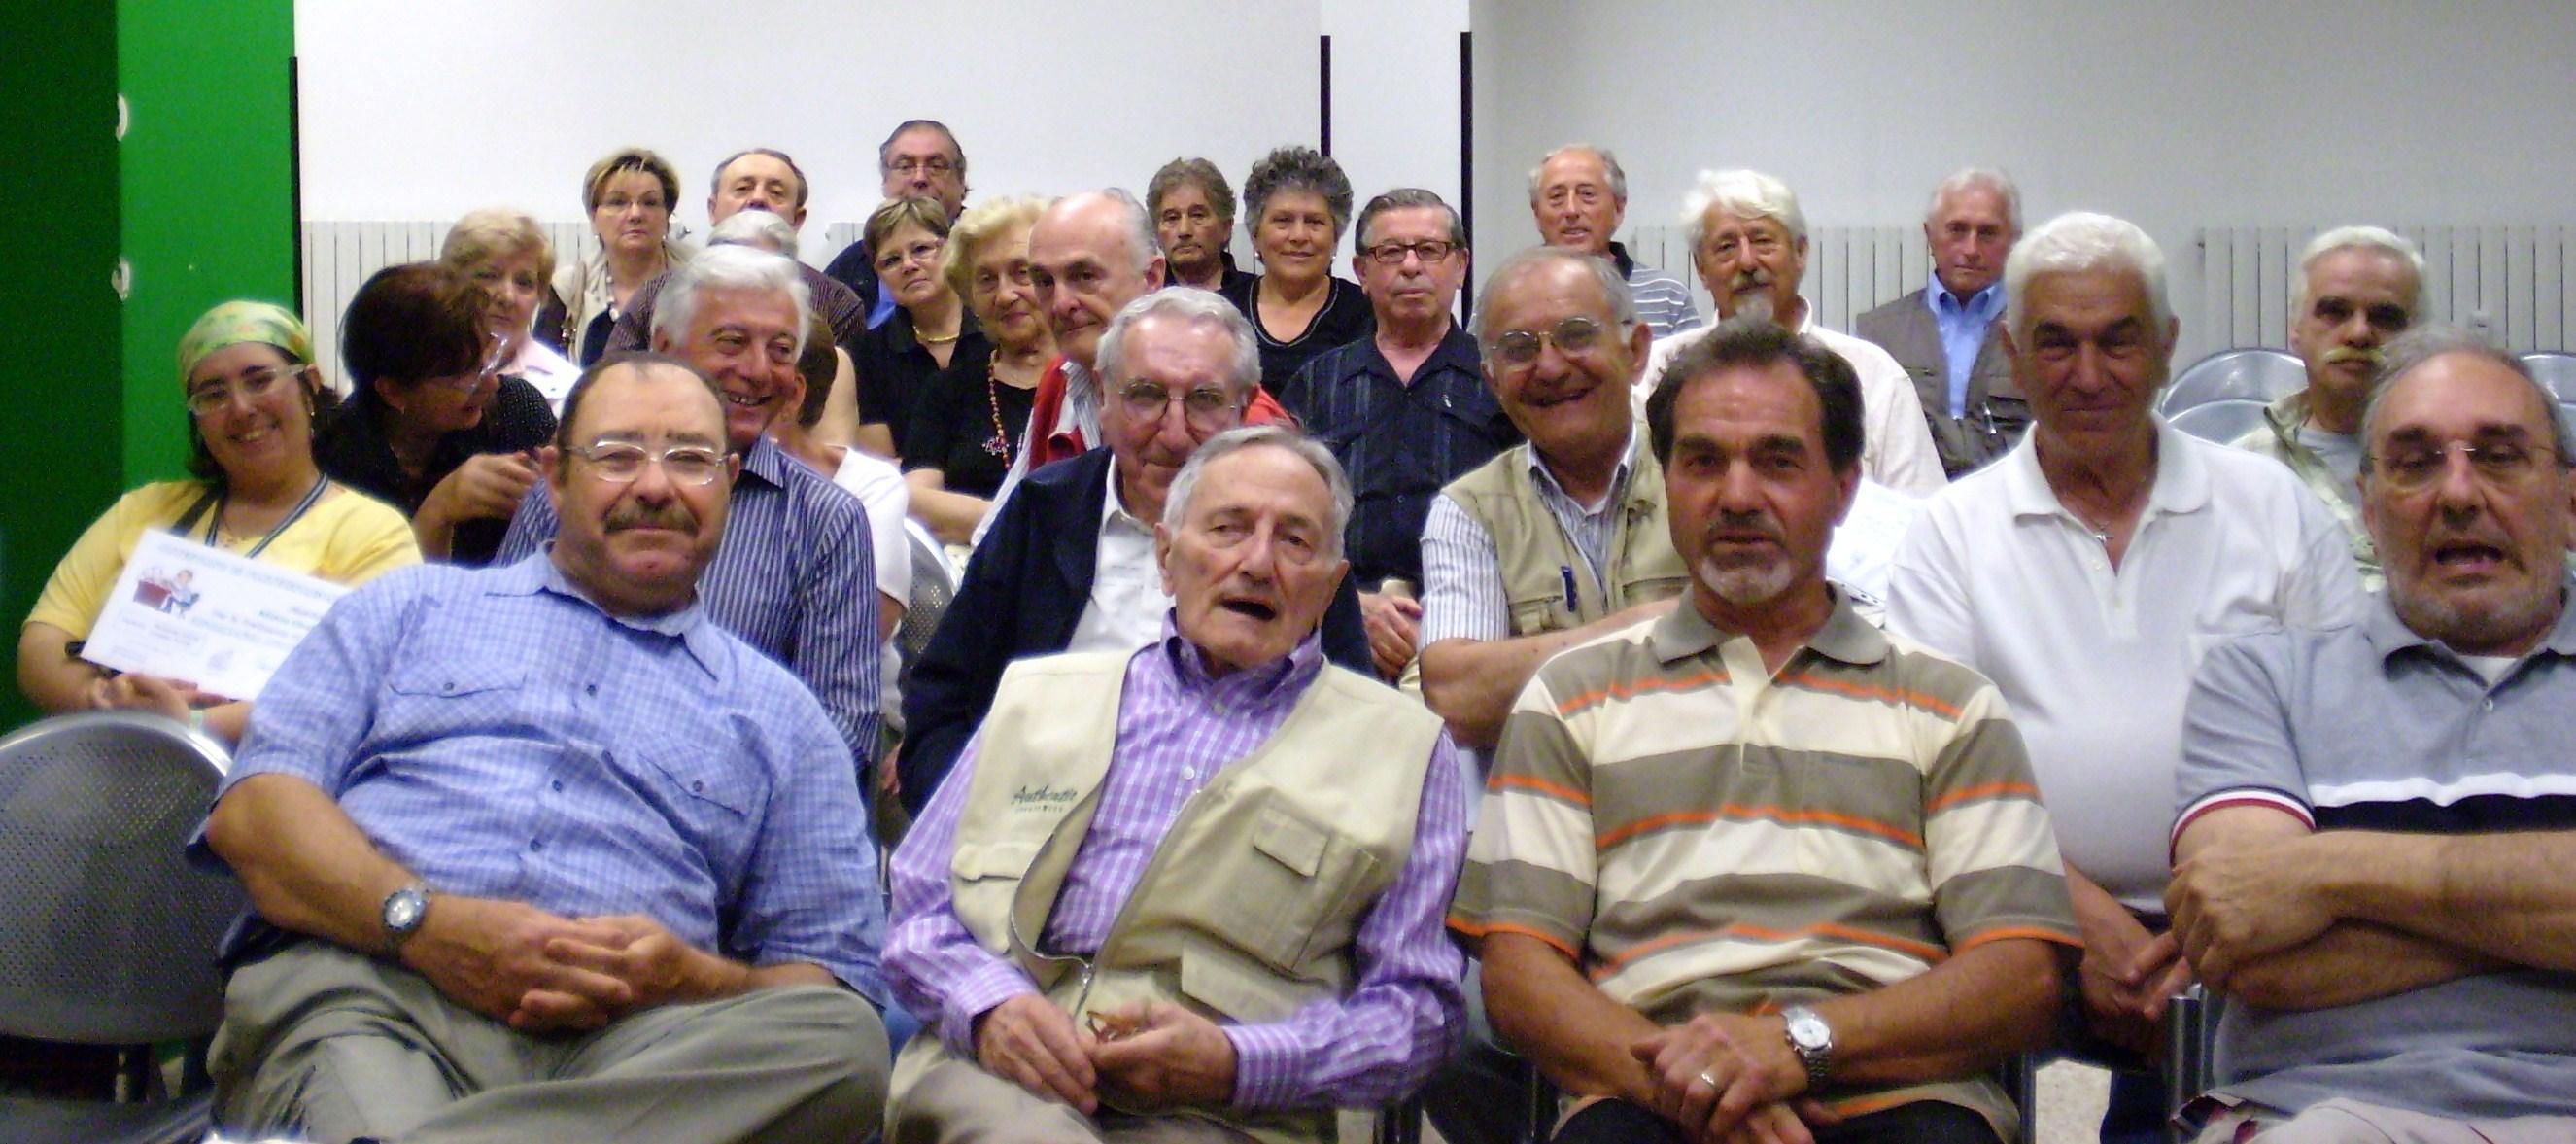 Corso di informatica per anziani a Vercelli